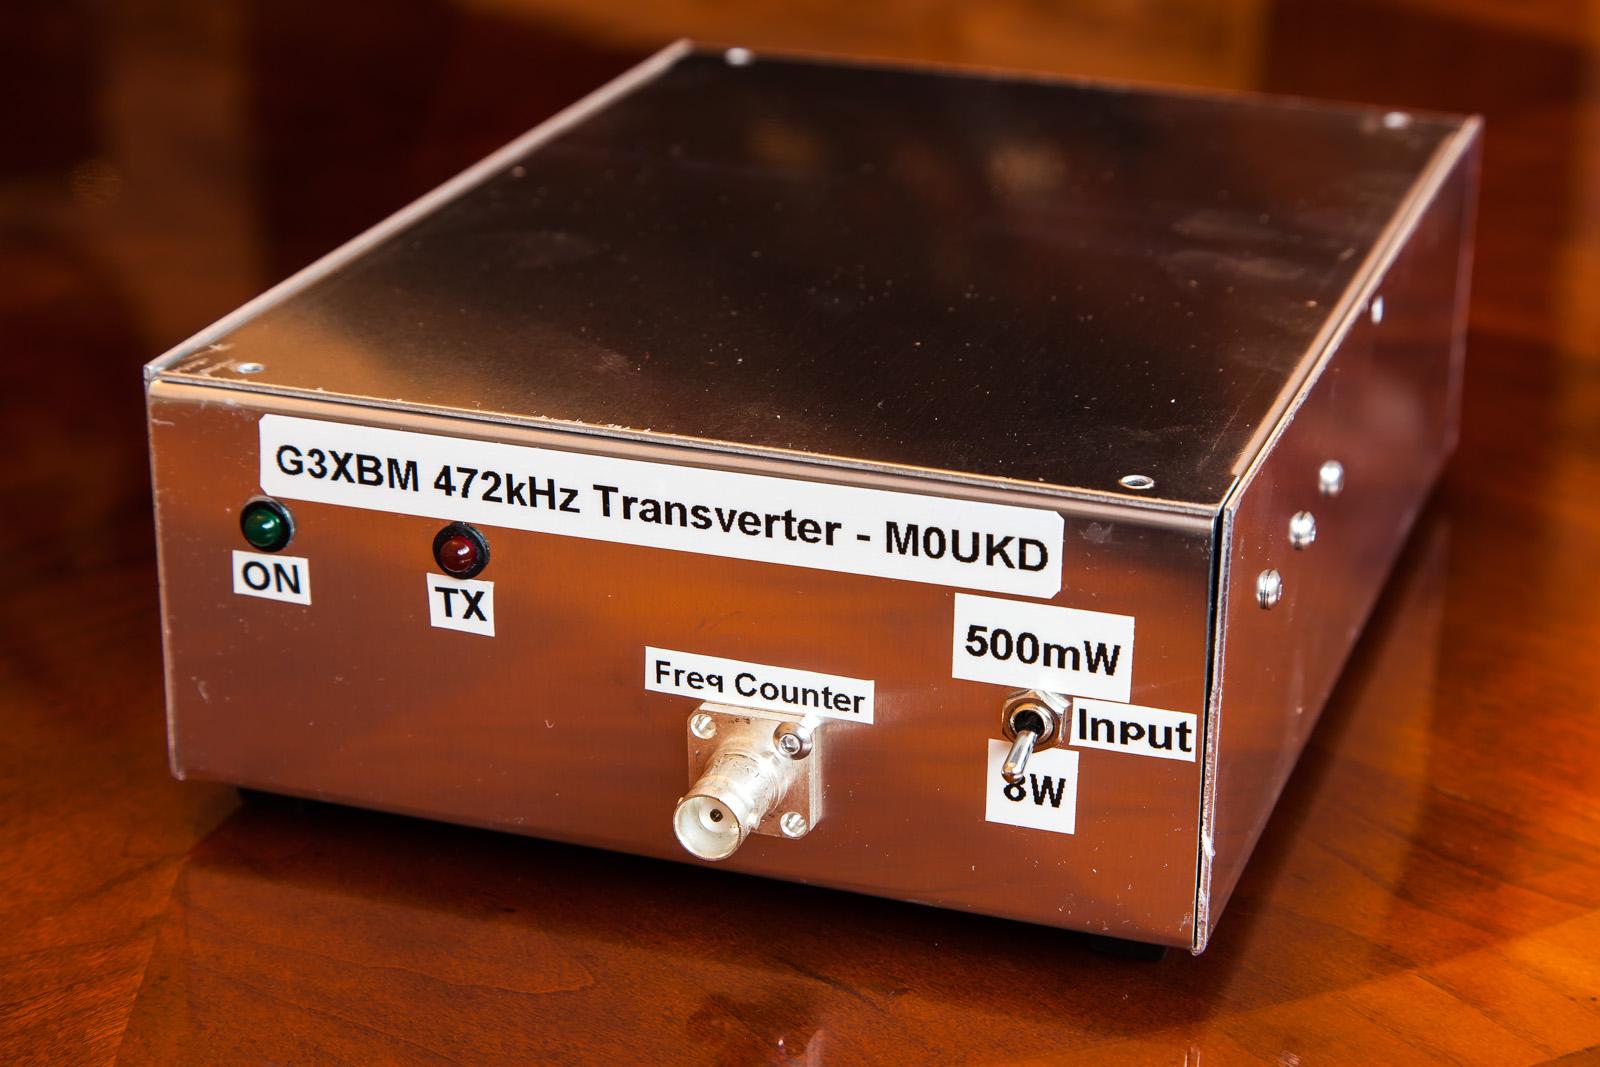 432kHz Transverter, front.